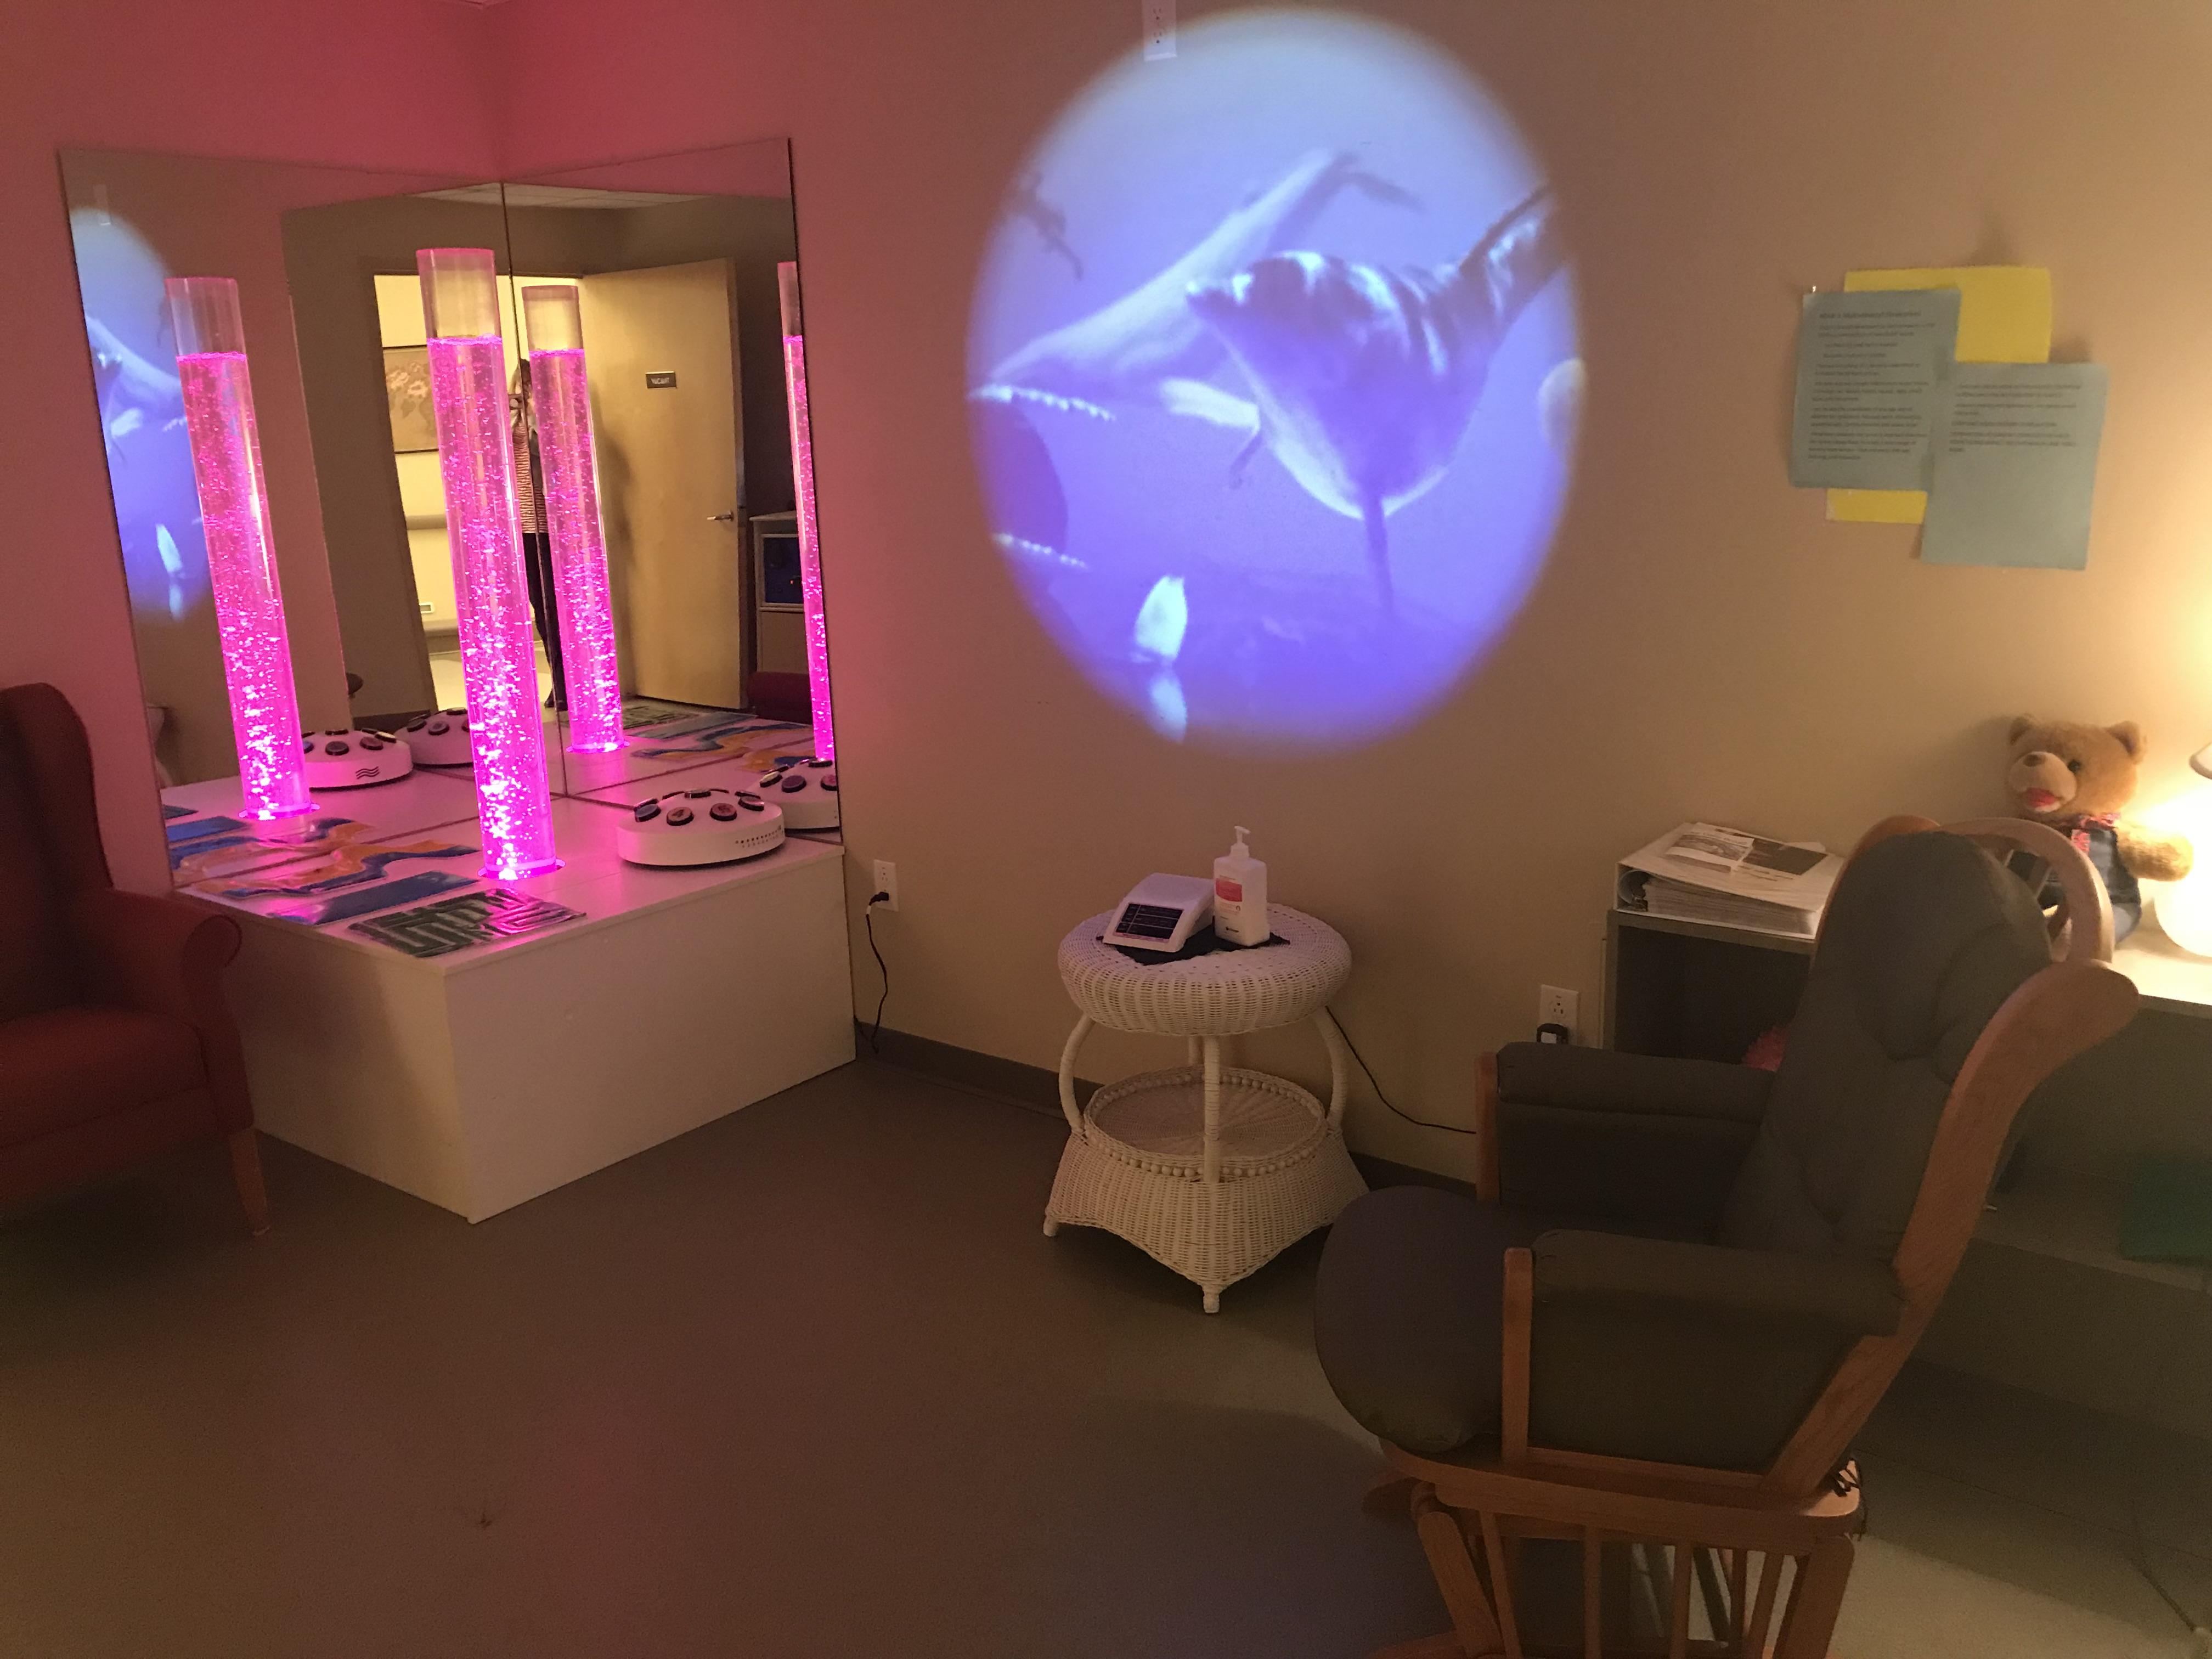 Snoezelen (Multi-Sensory) Room